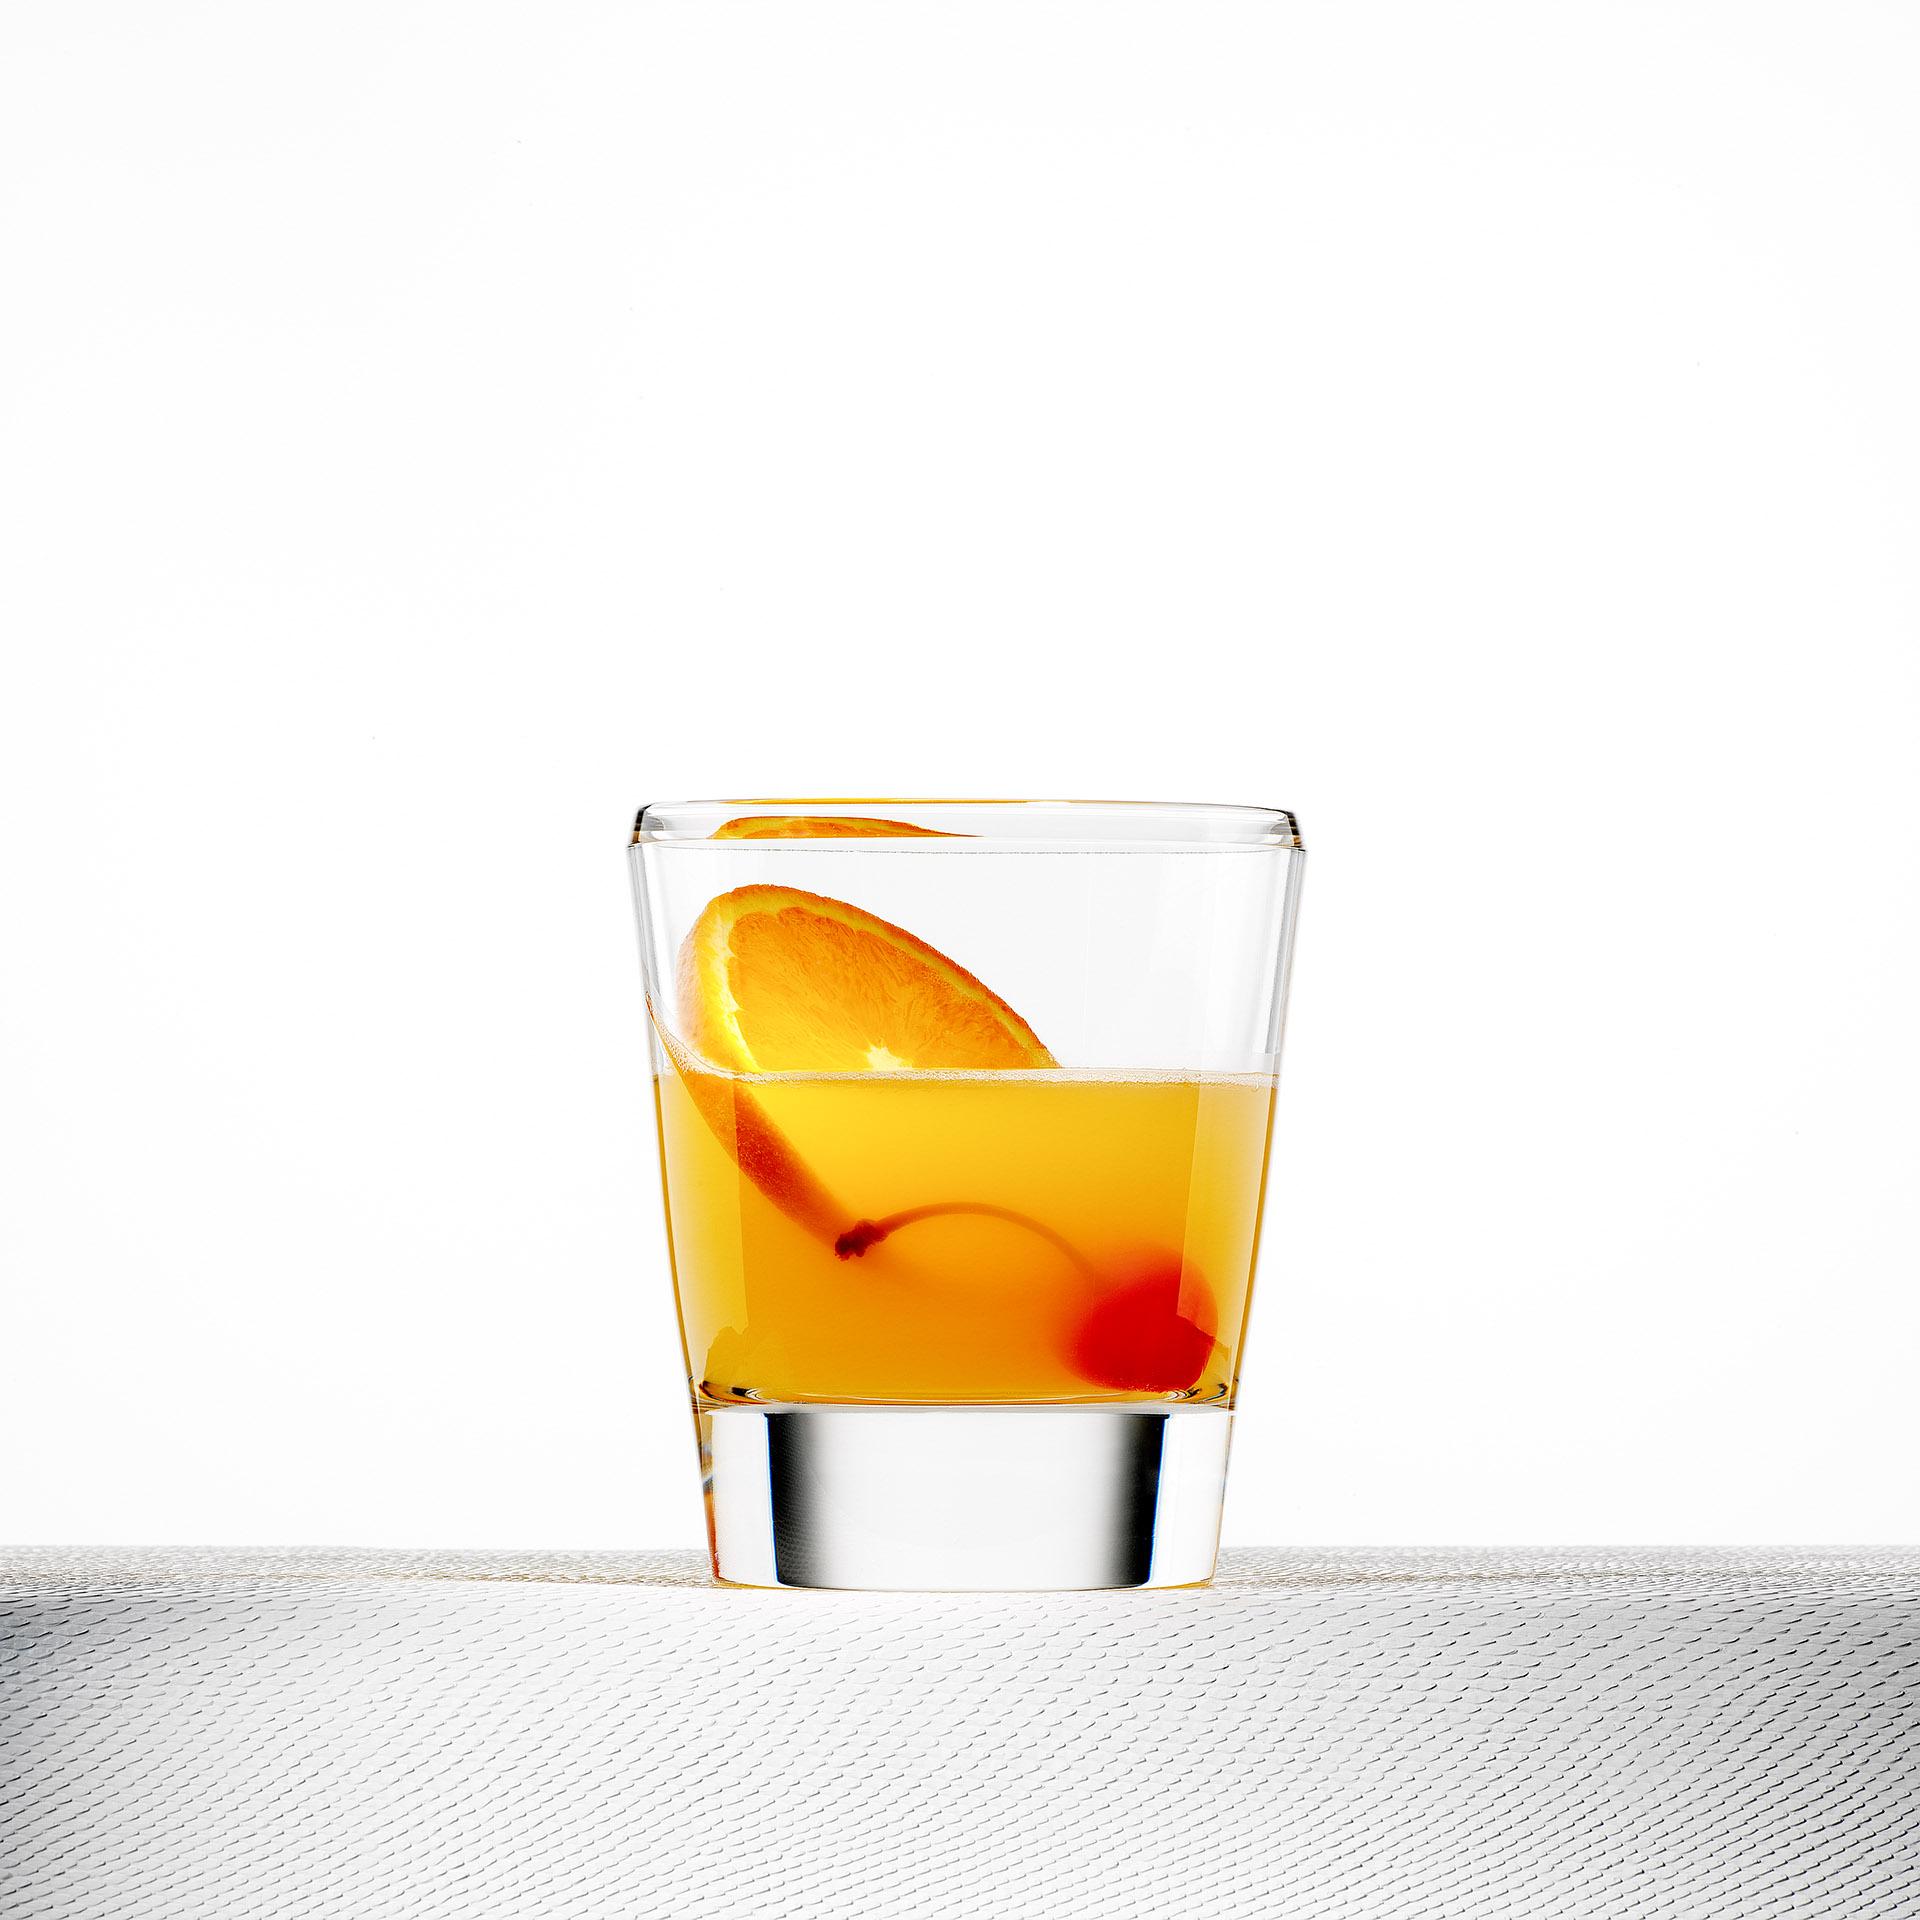 Whiskeyglas mit orangefarbenem Getränk und Obst. Feigefotodesign